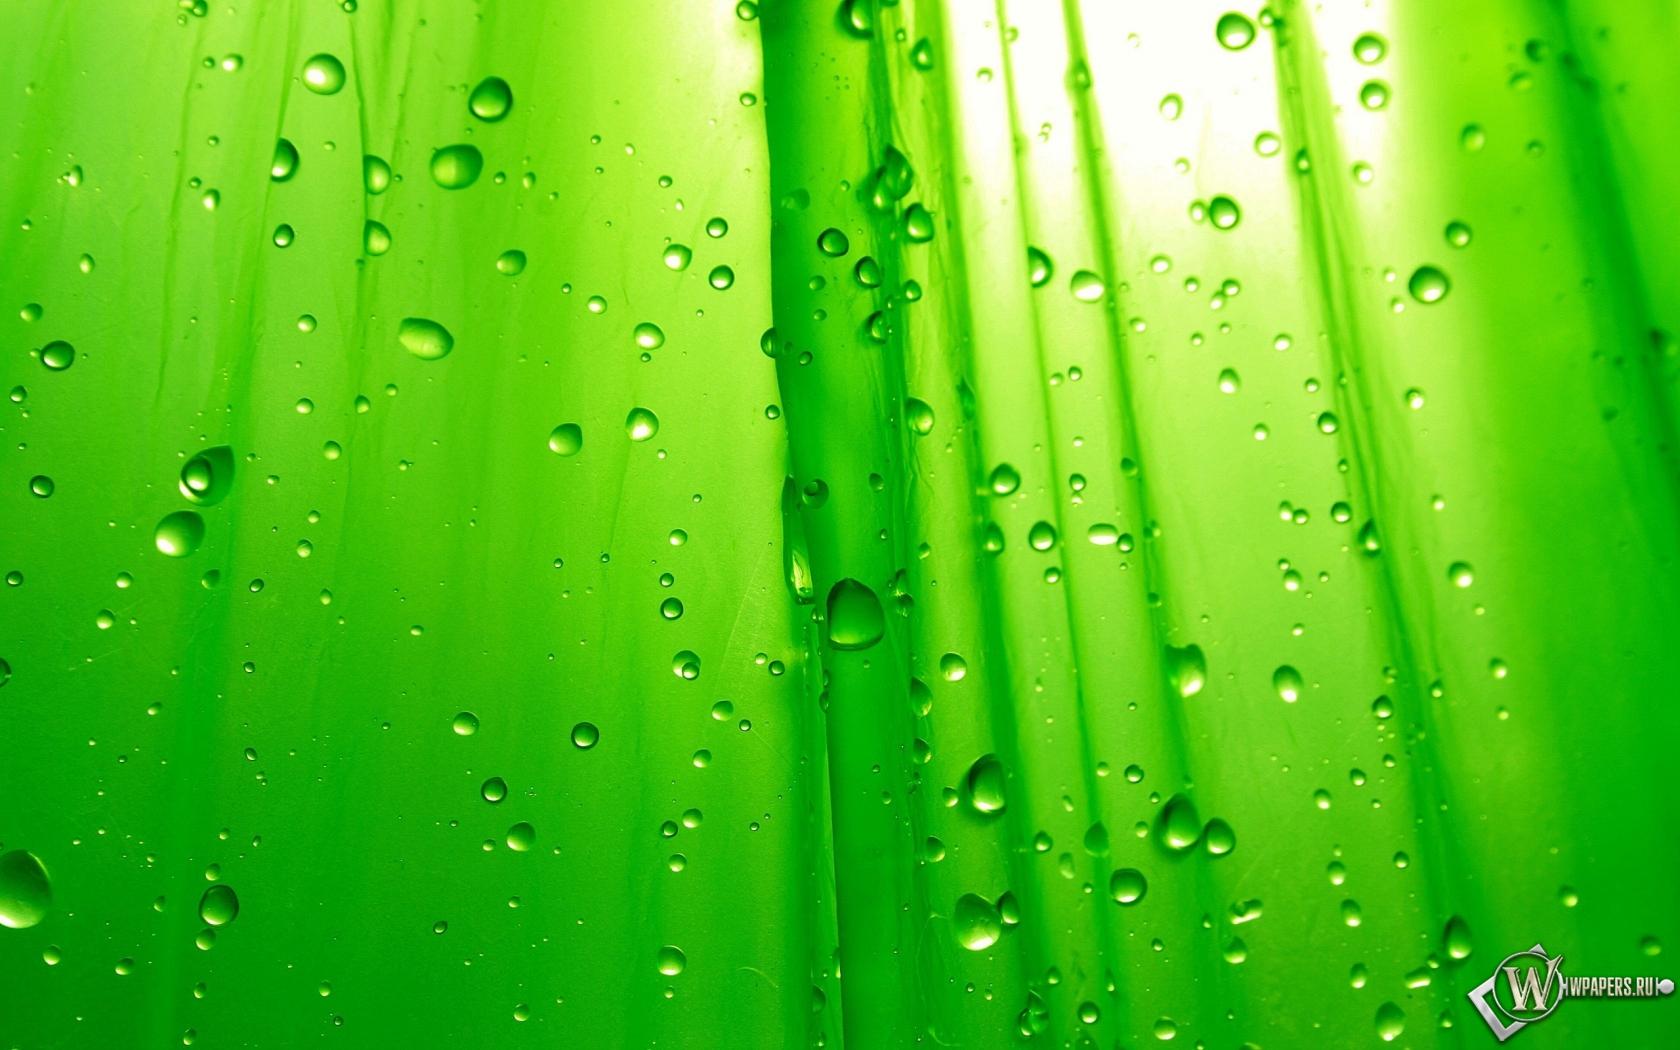 Зелёный фон 1680x1050